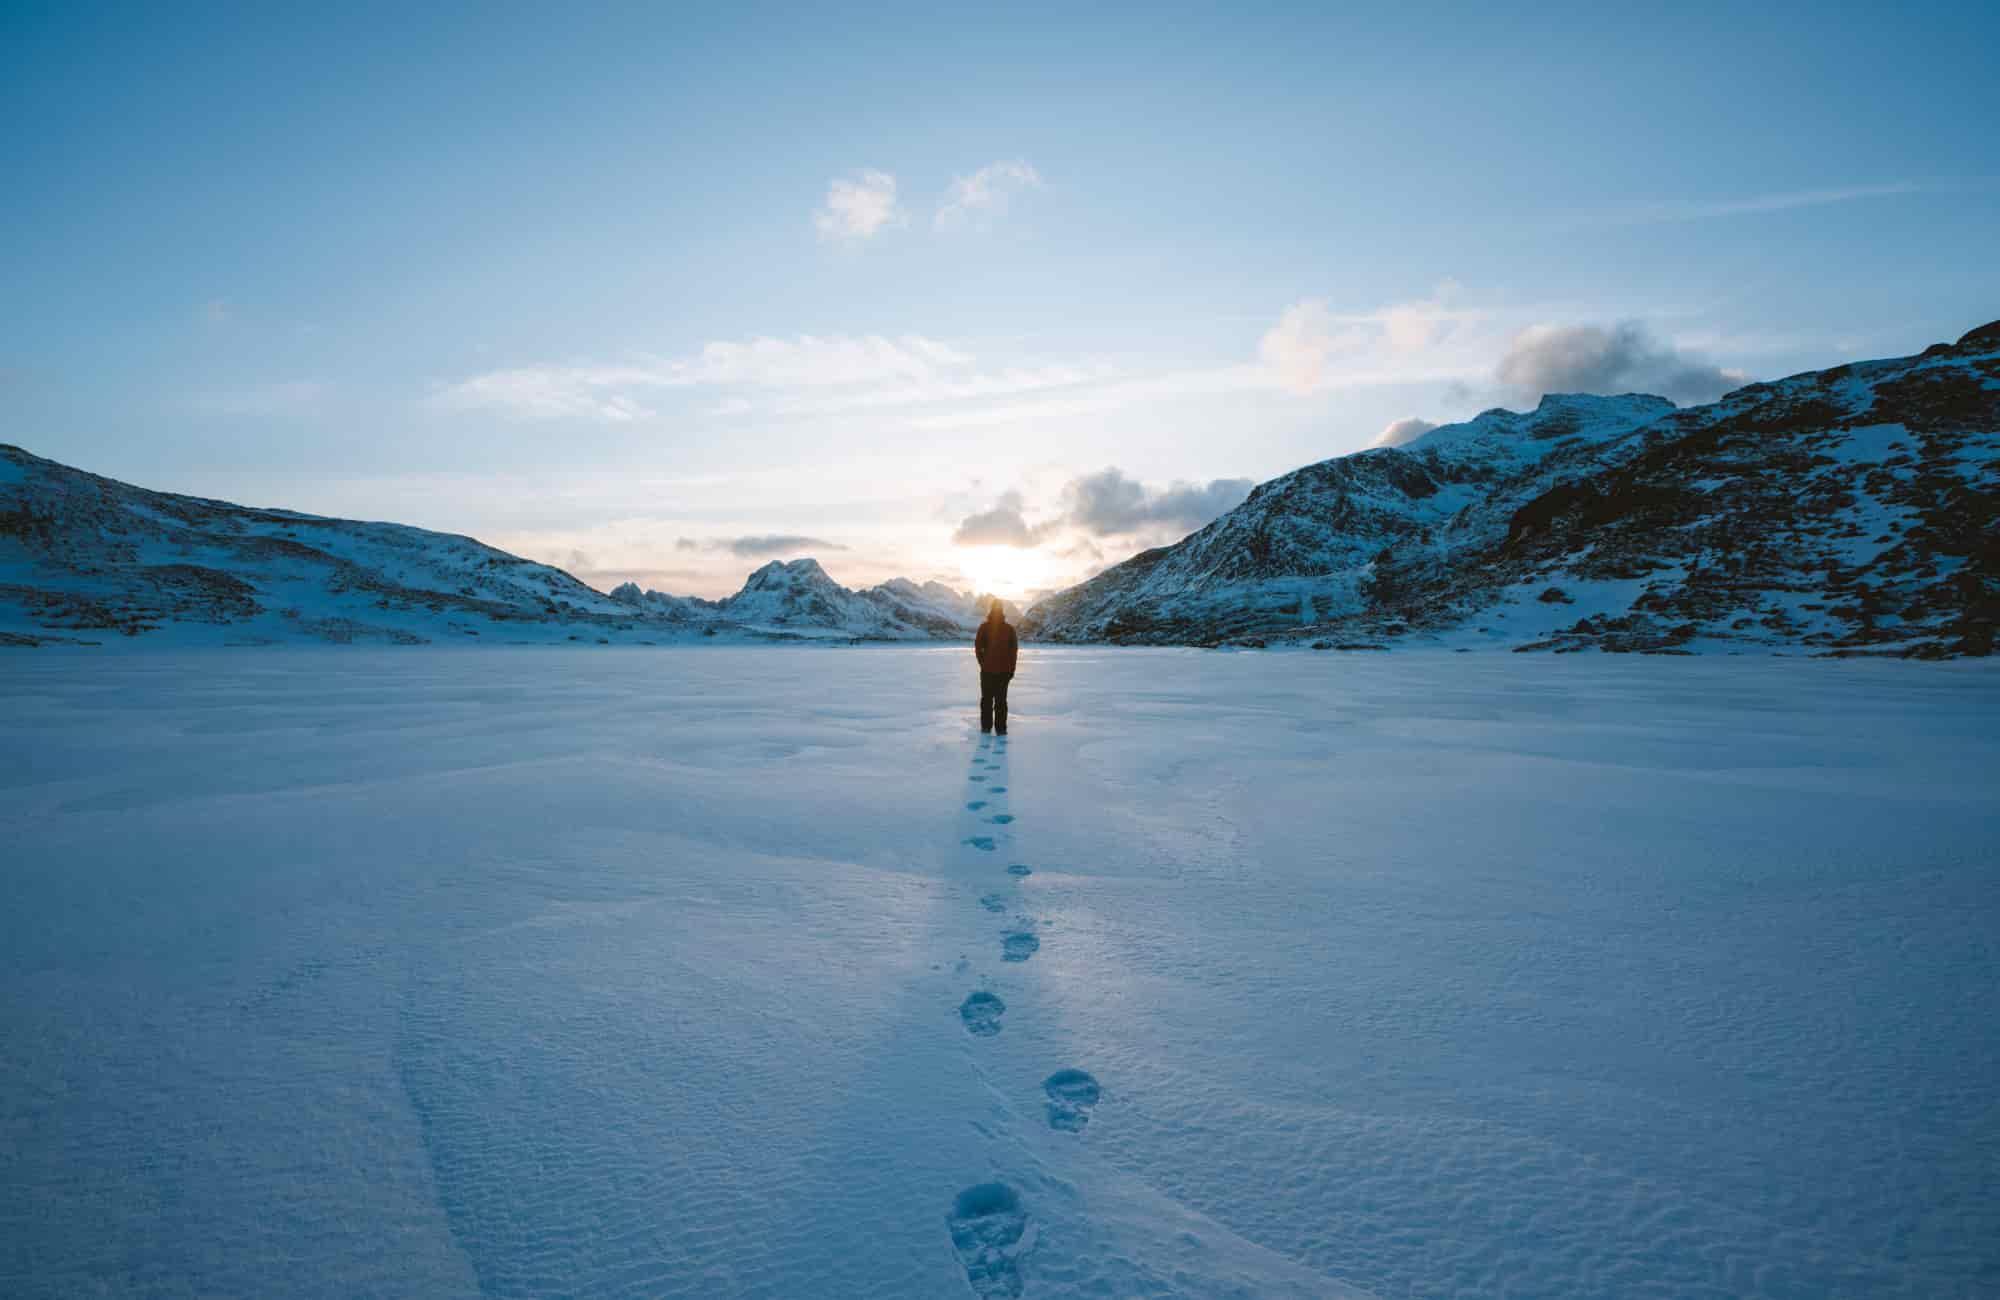 Voyage Norvège - Toundra enneigée - Amplitudes